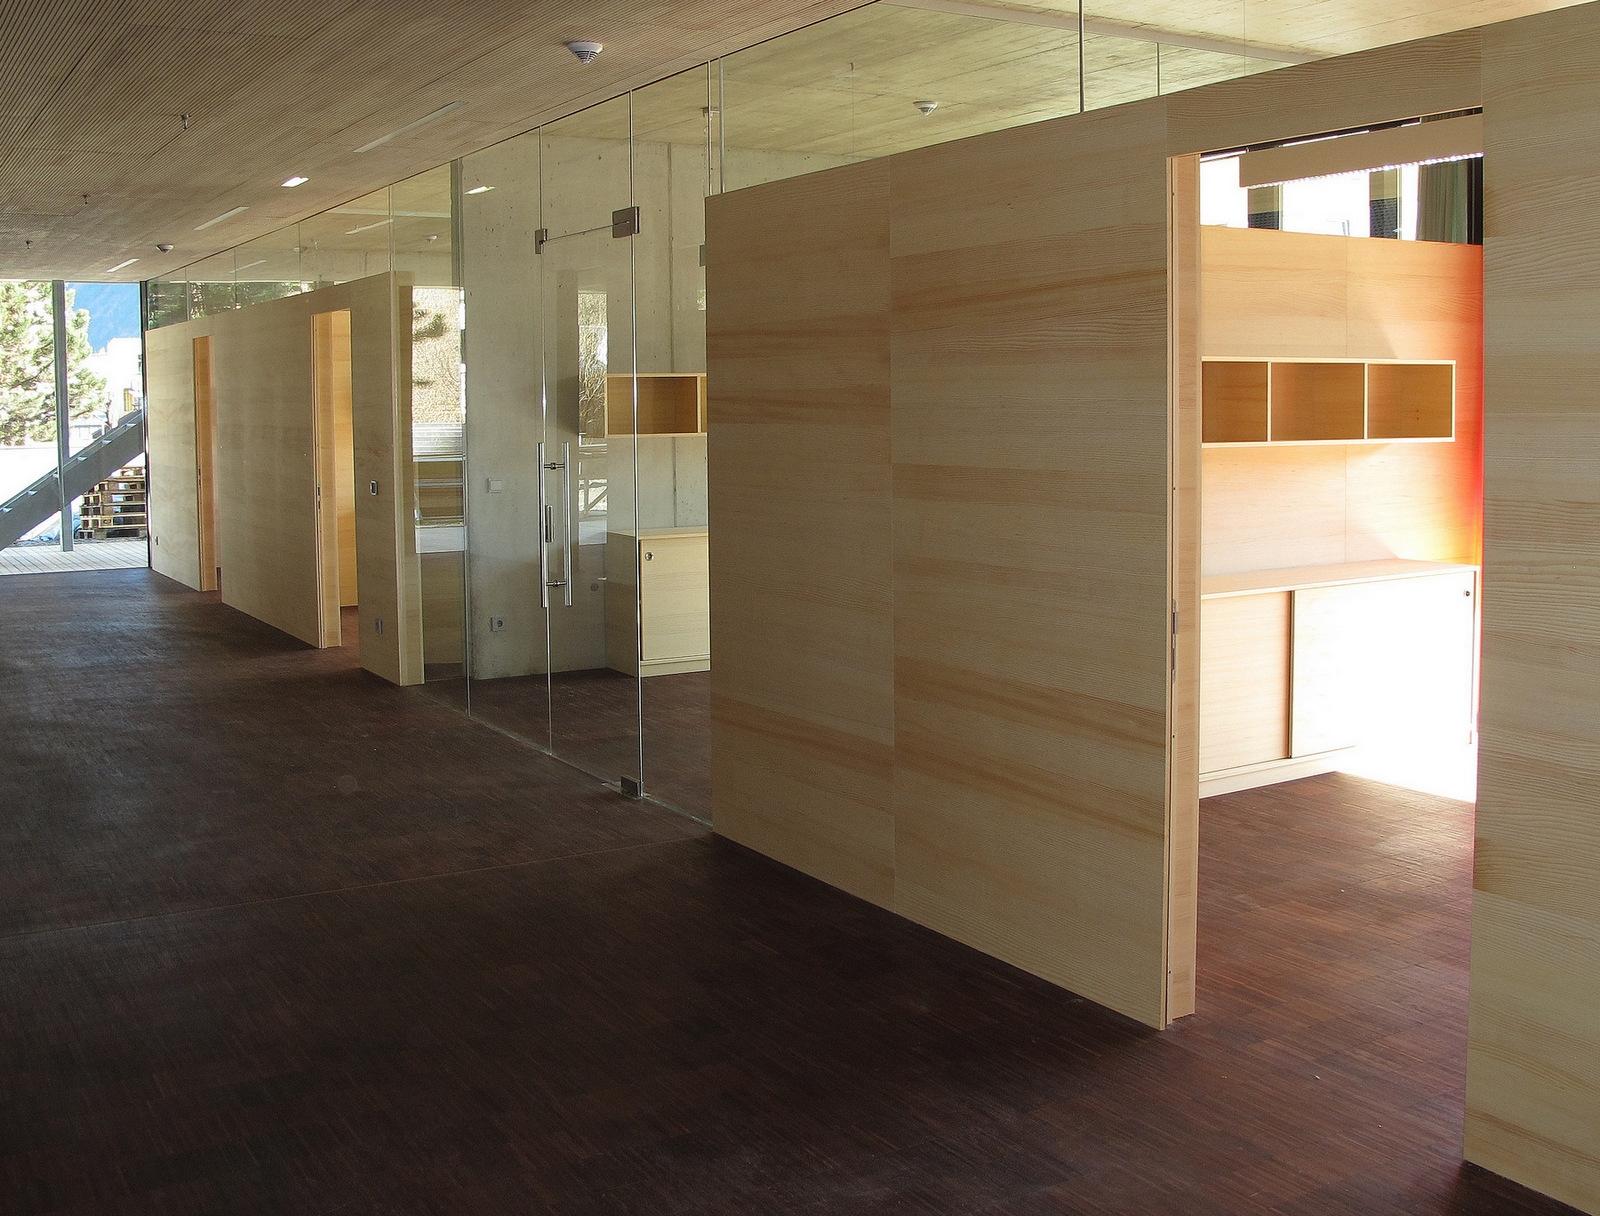 Querkopf Architekten ergebnis auszeichnung des landes tirol für neues b competitionline